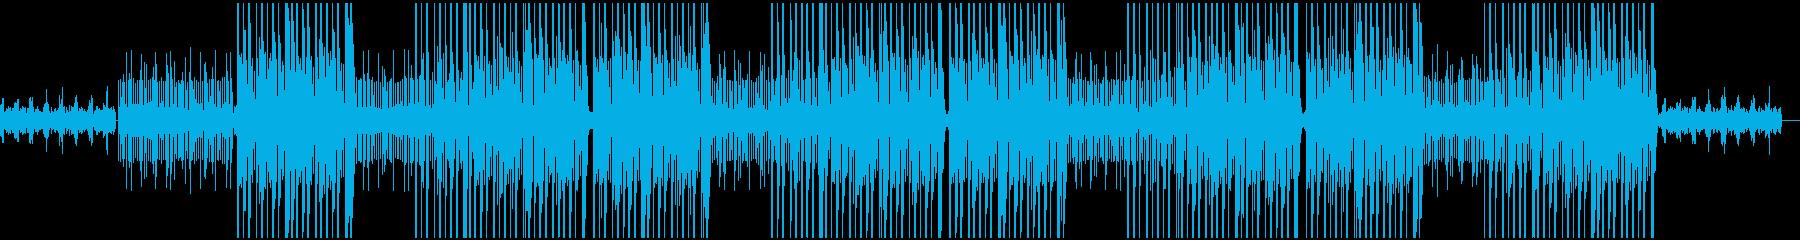 シンセのエモいトッラプ/ヒップホップの再生済みの波形